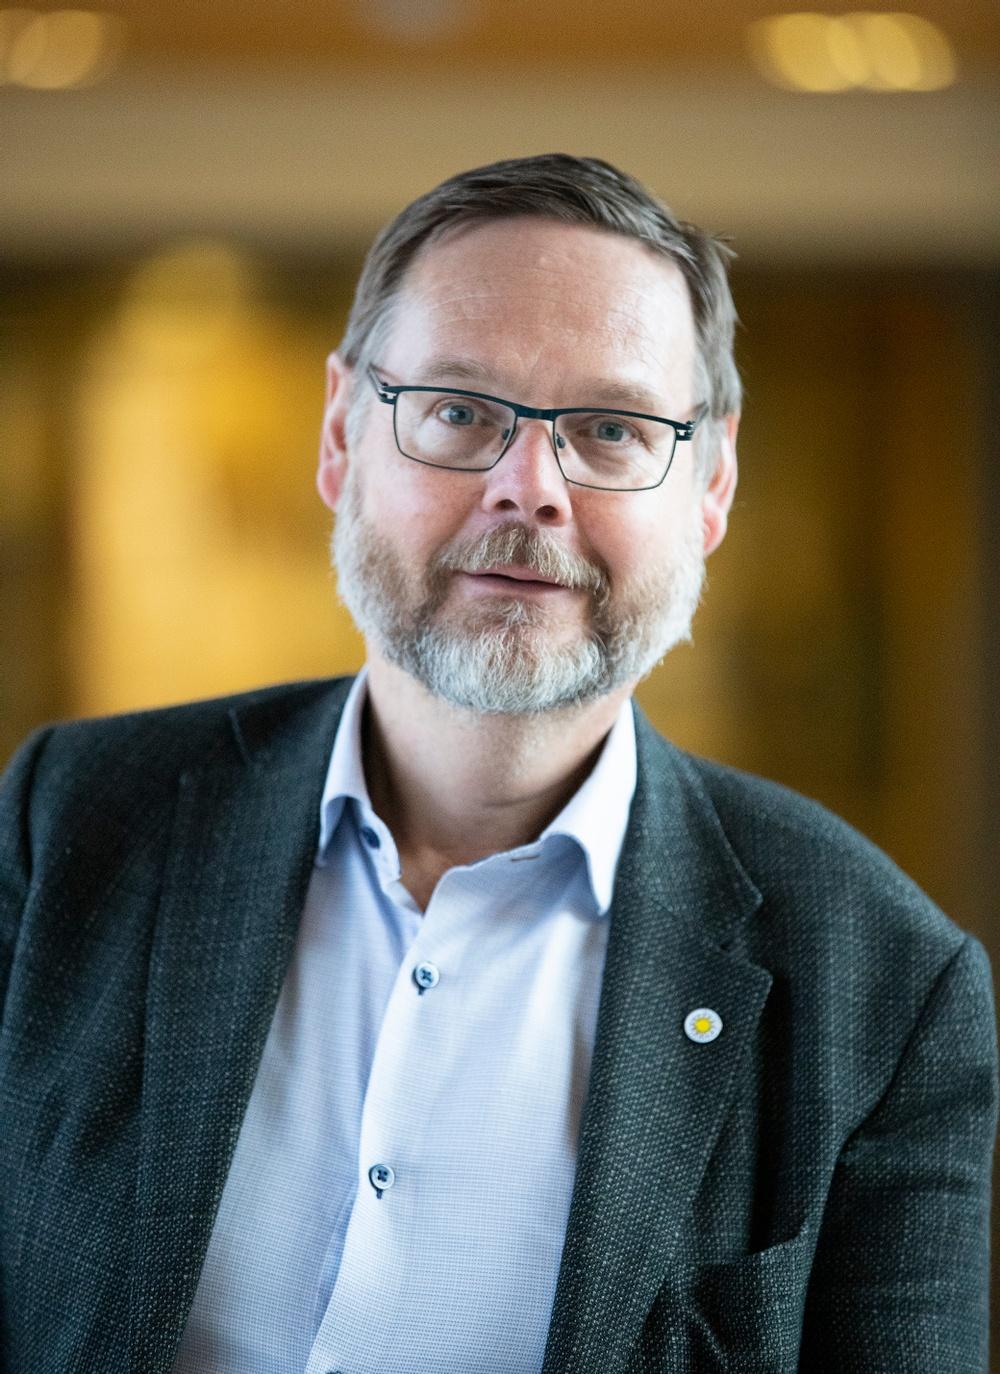 Porträtt av rektor Johan Sterte